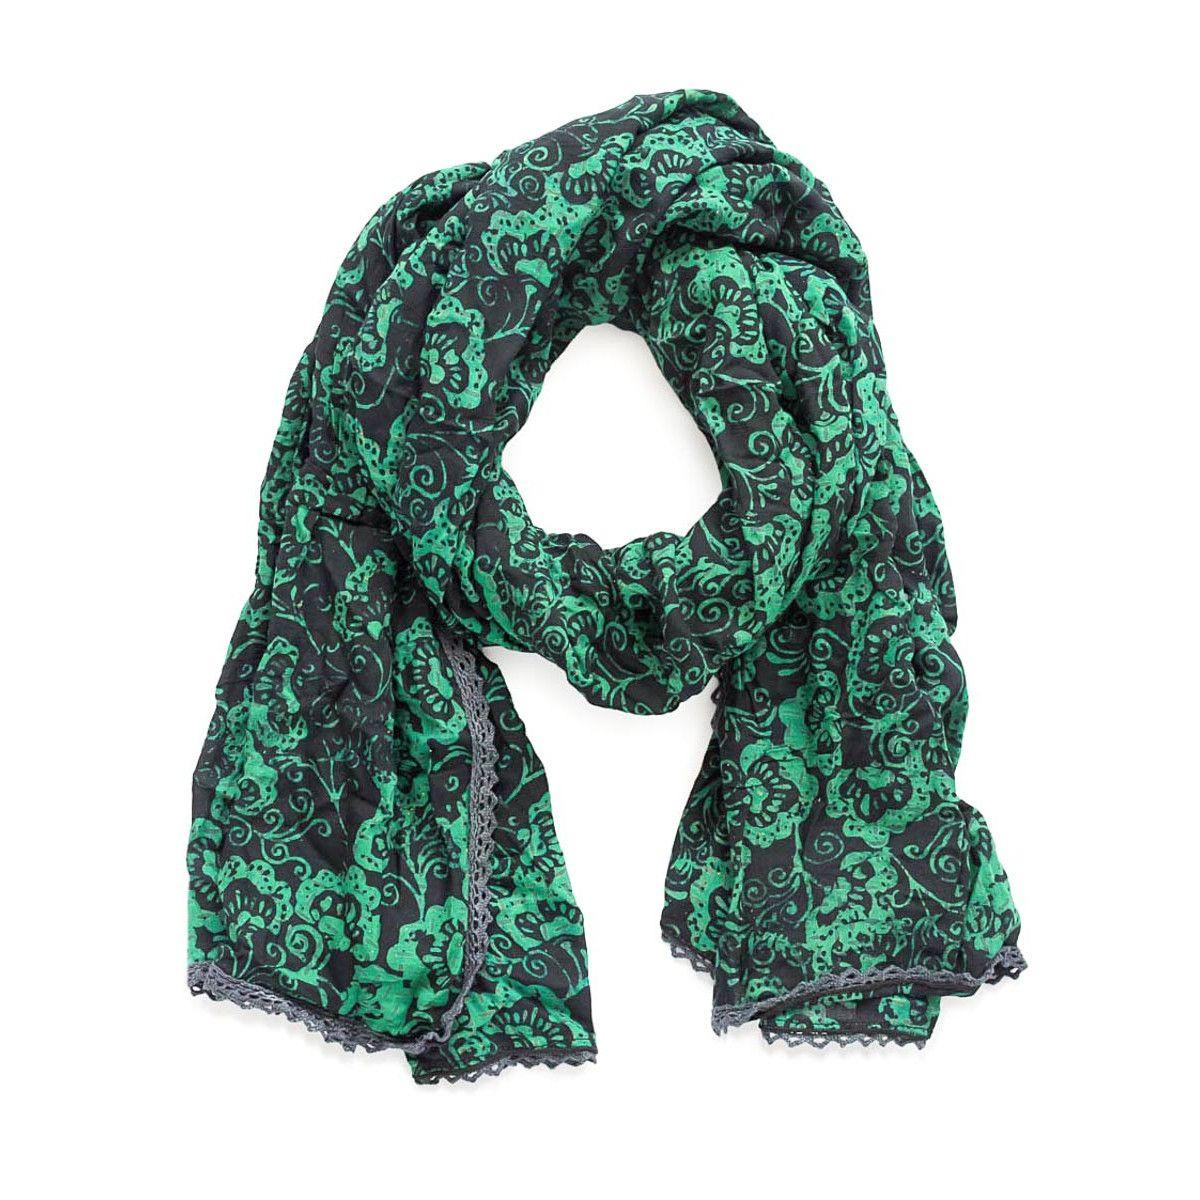 Chèche foulard femme coton gris foncé et turquoise